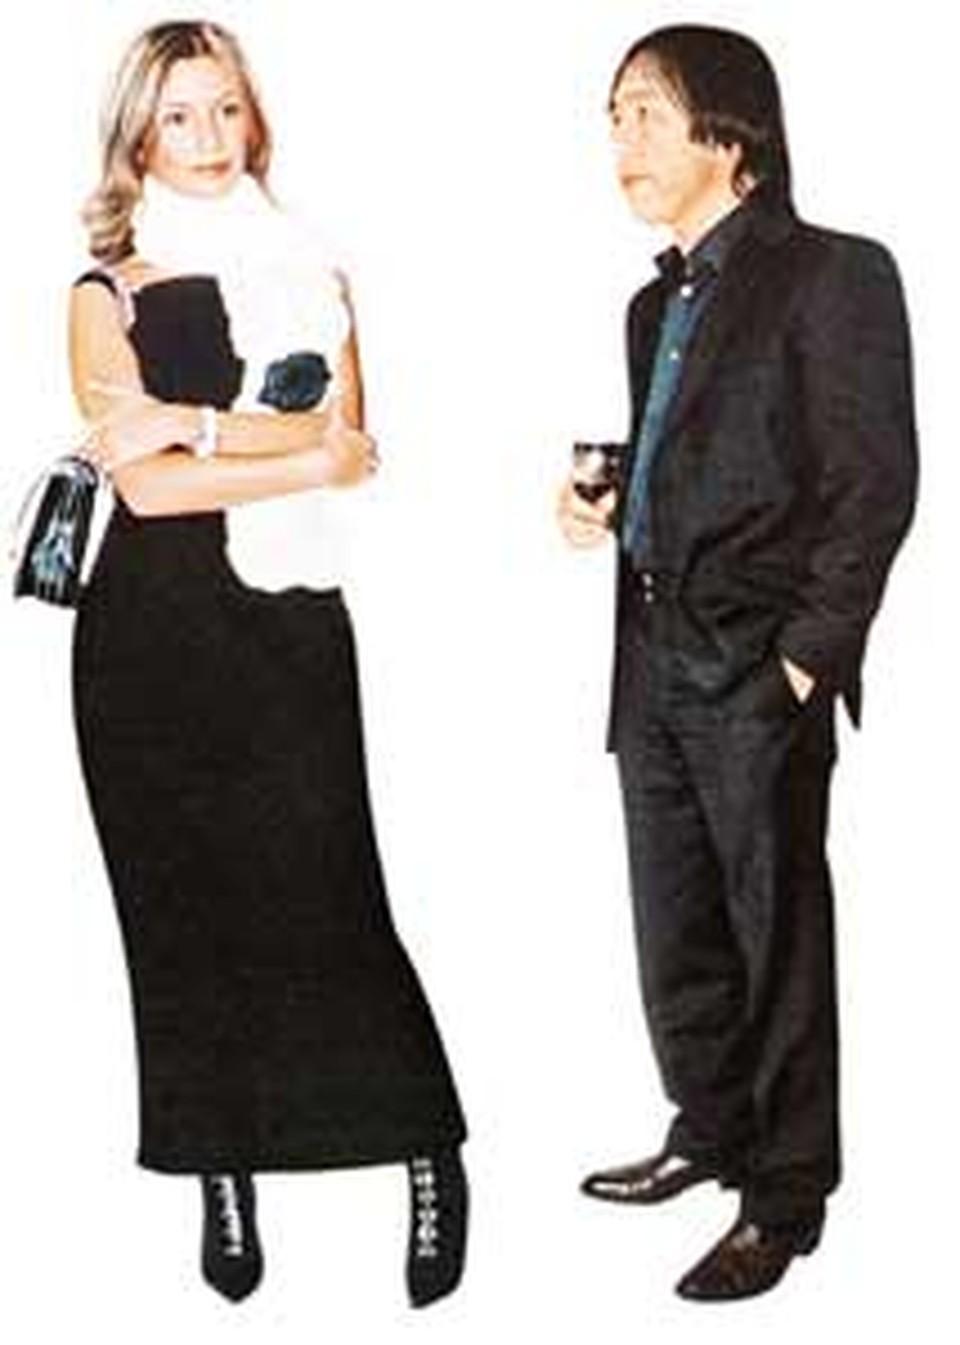 Кавалер Ольги Ренат - солидный бизнесмен, но очень ревнивый возлюбленный.